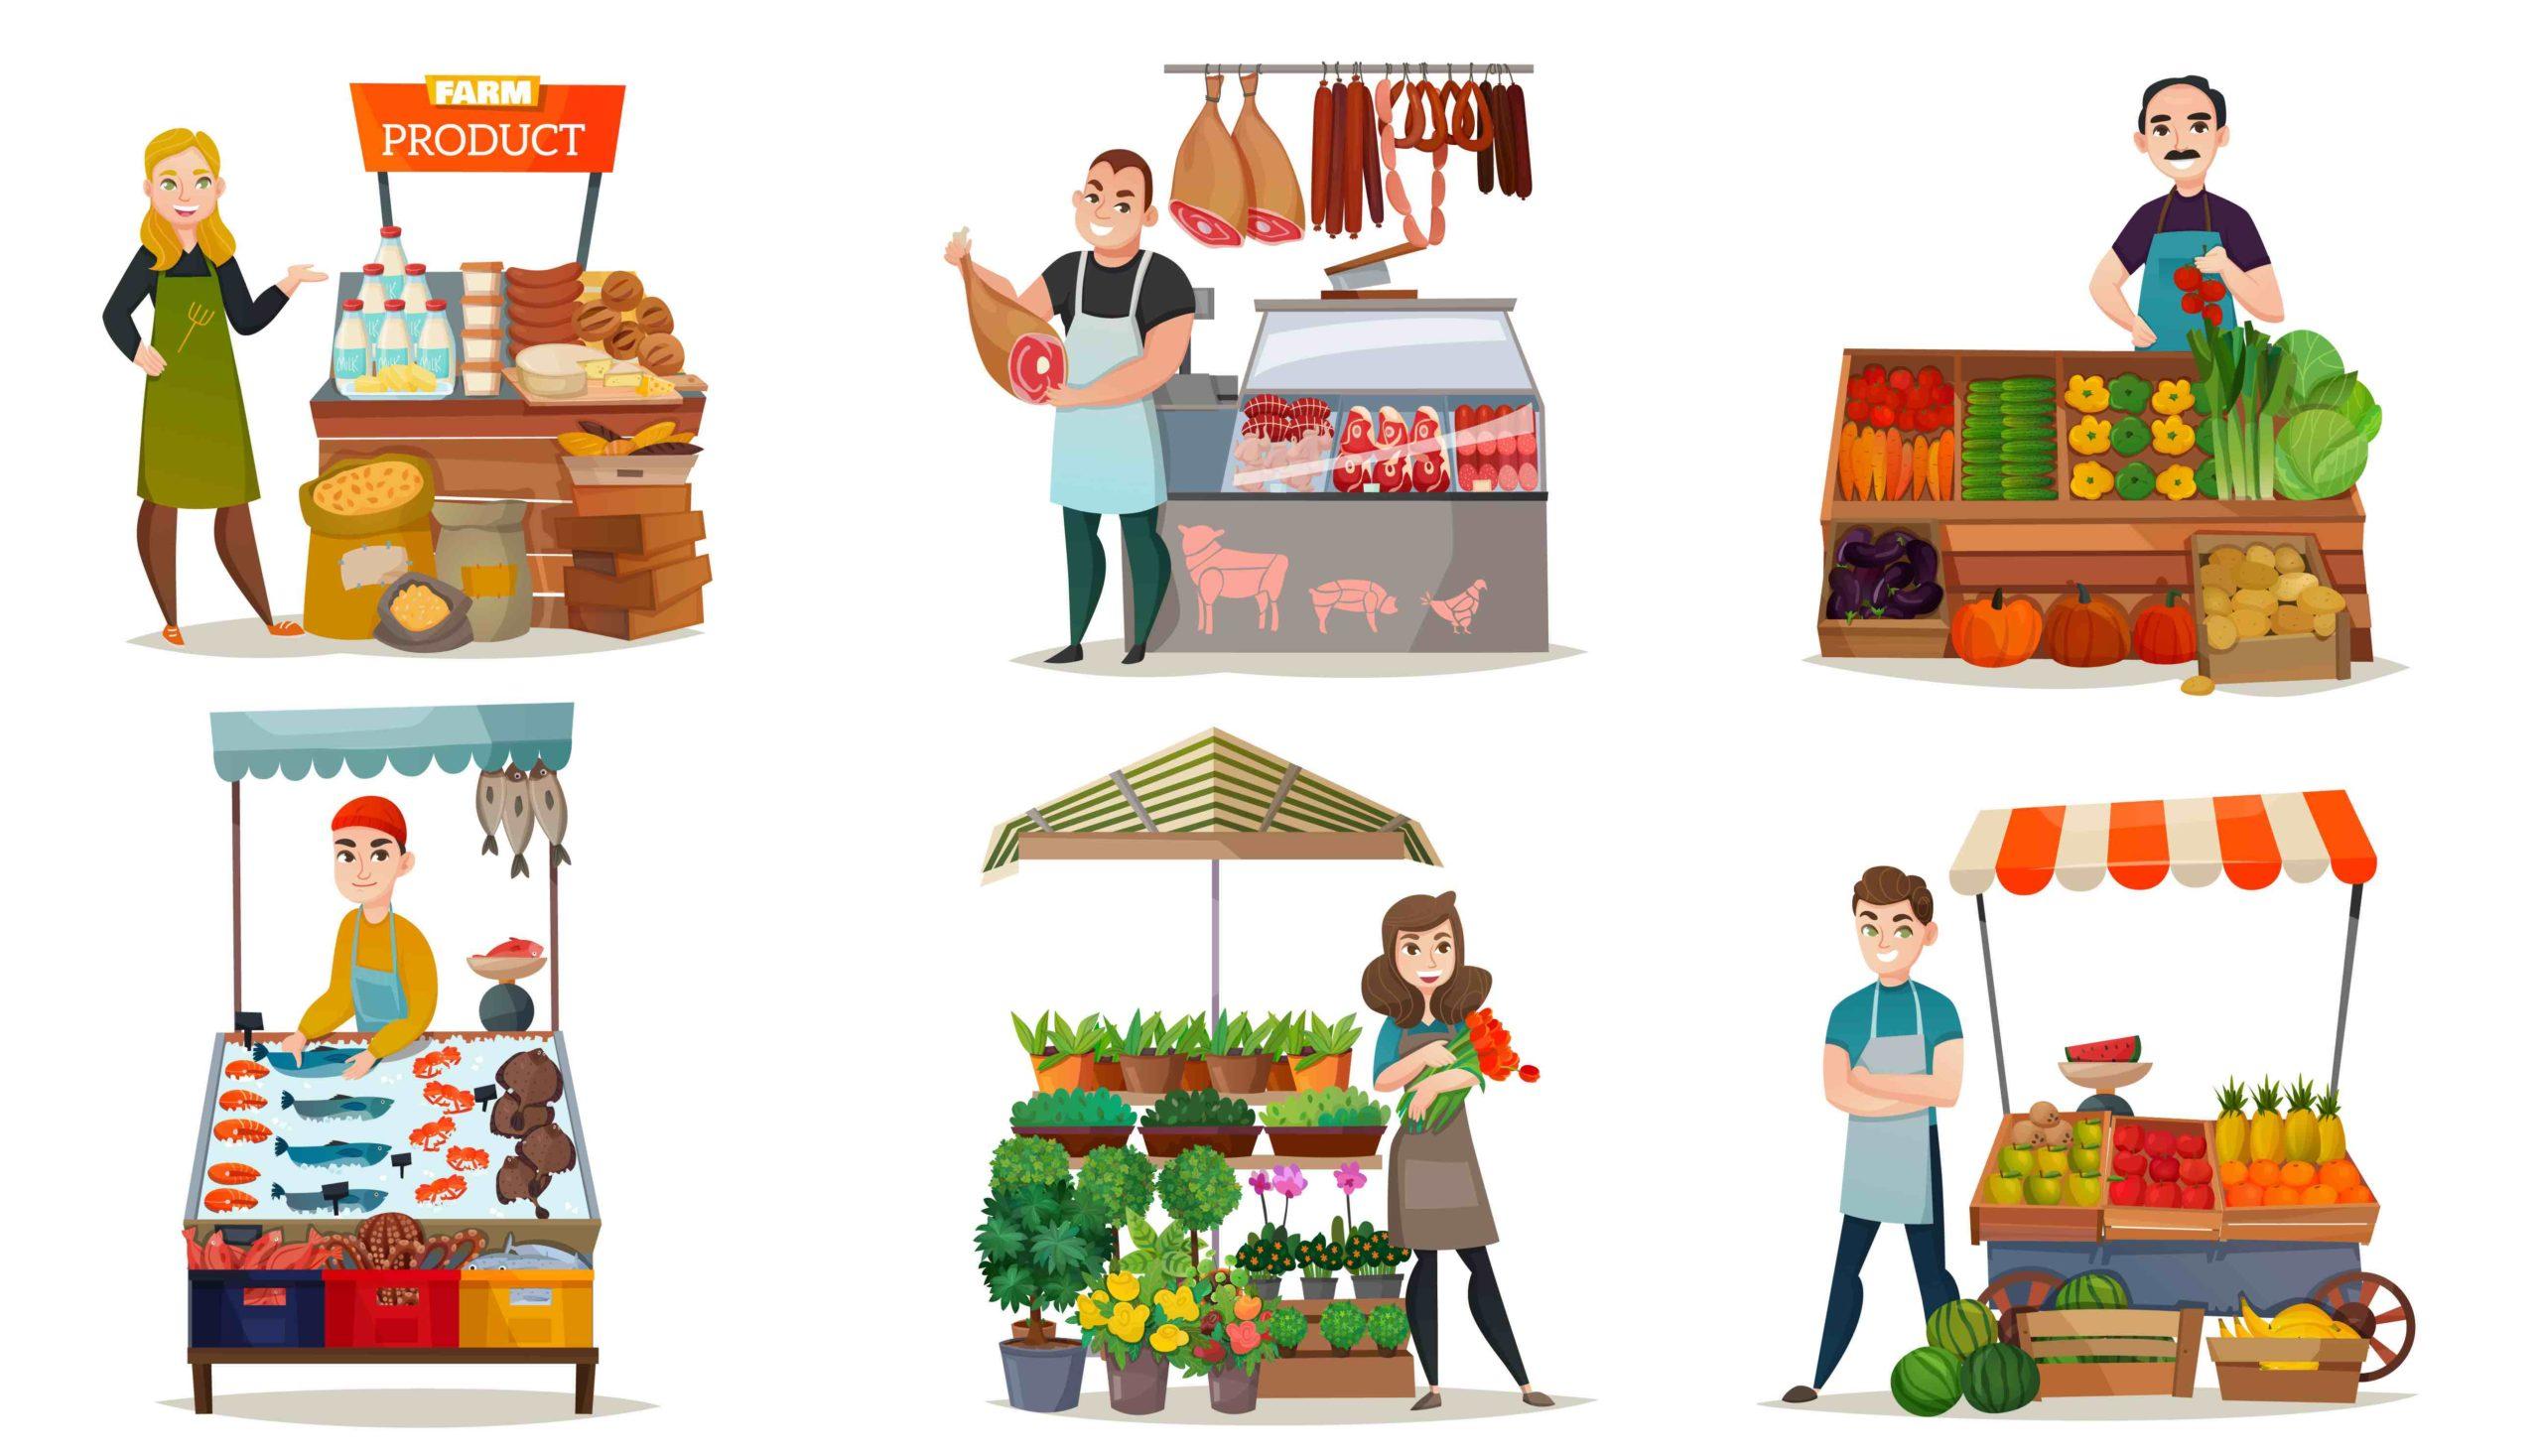 COVID-19 : la municipalité met en place un drive pour les commerçants du marché